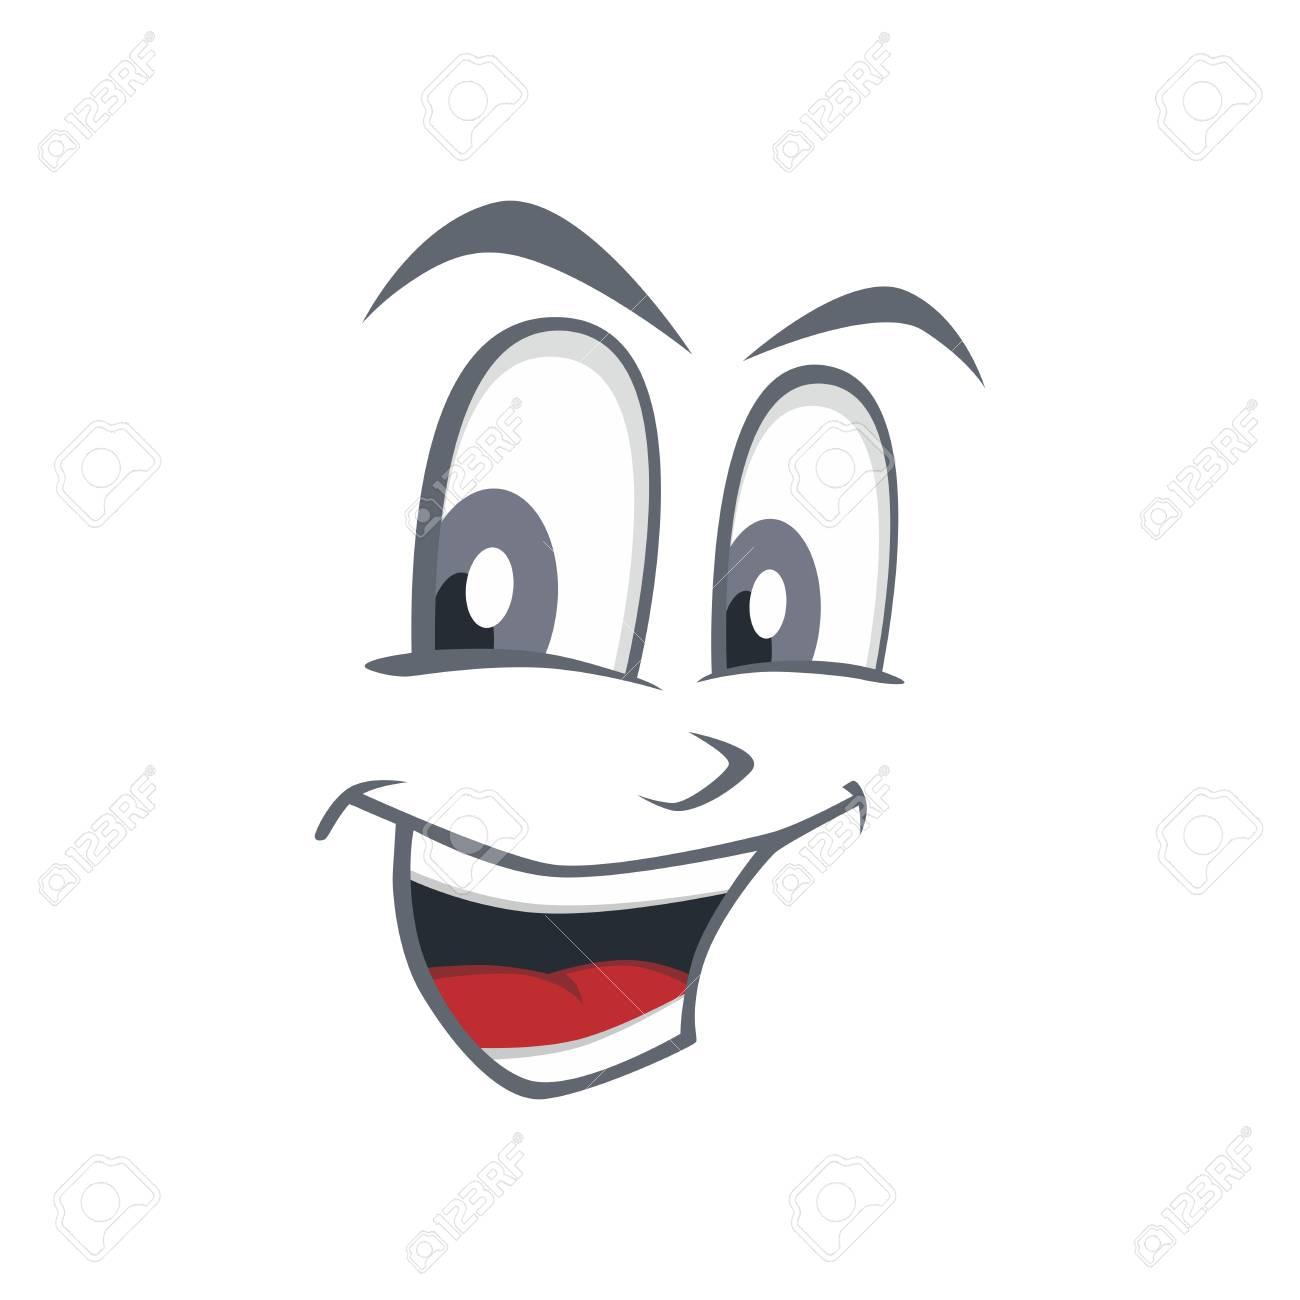 漫画の男キャラのベクトル イラスト親指のイラスト素材ベクタ Image